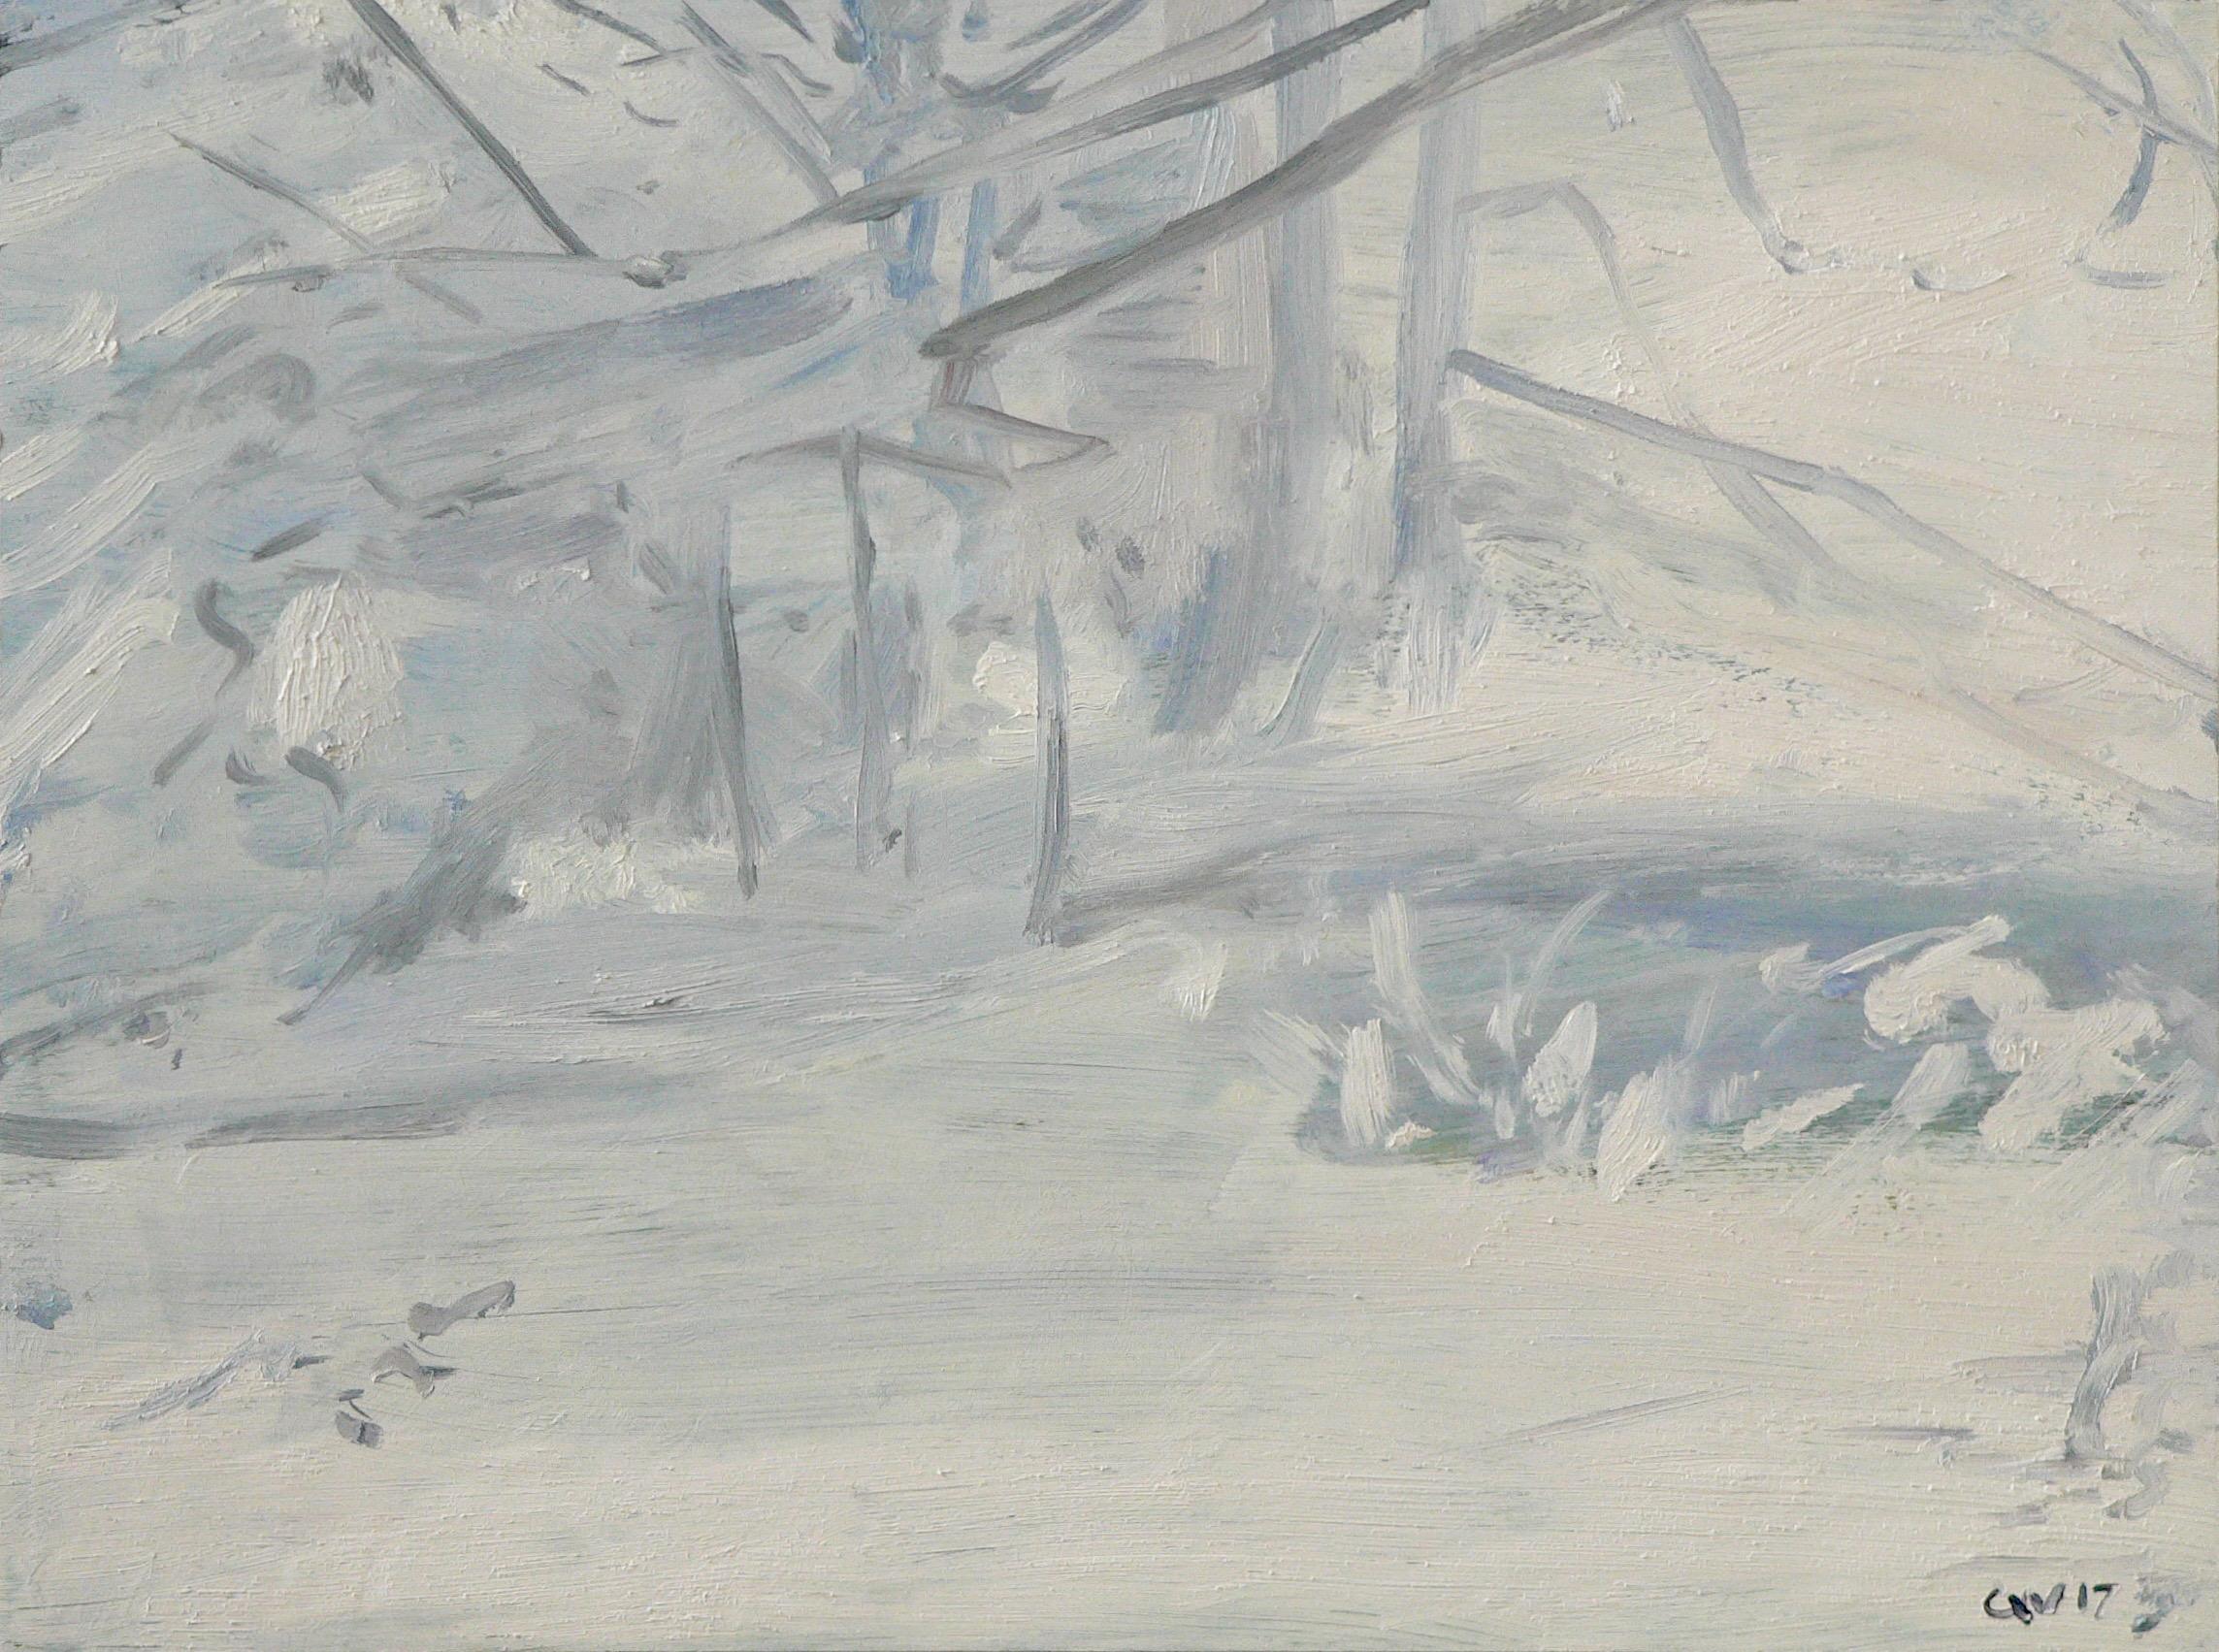 Blizzard #1